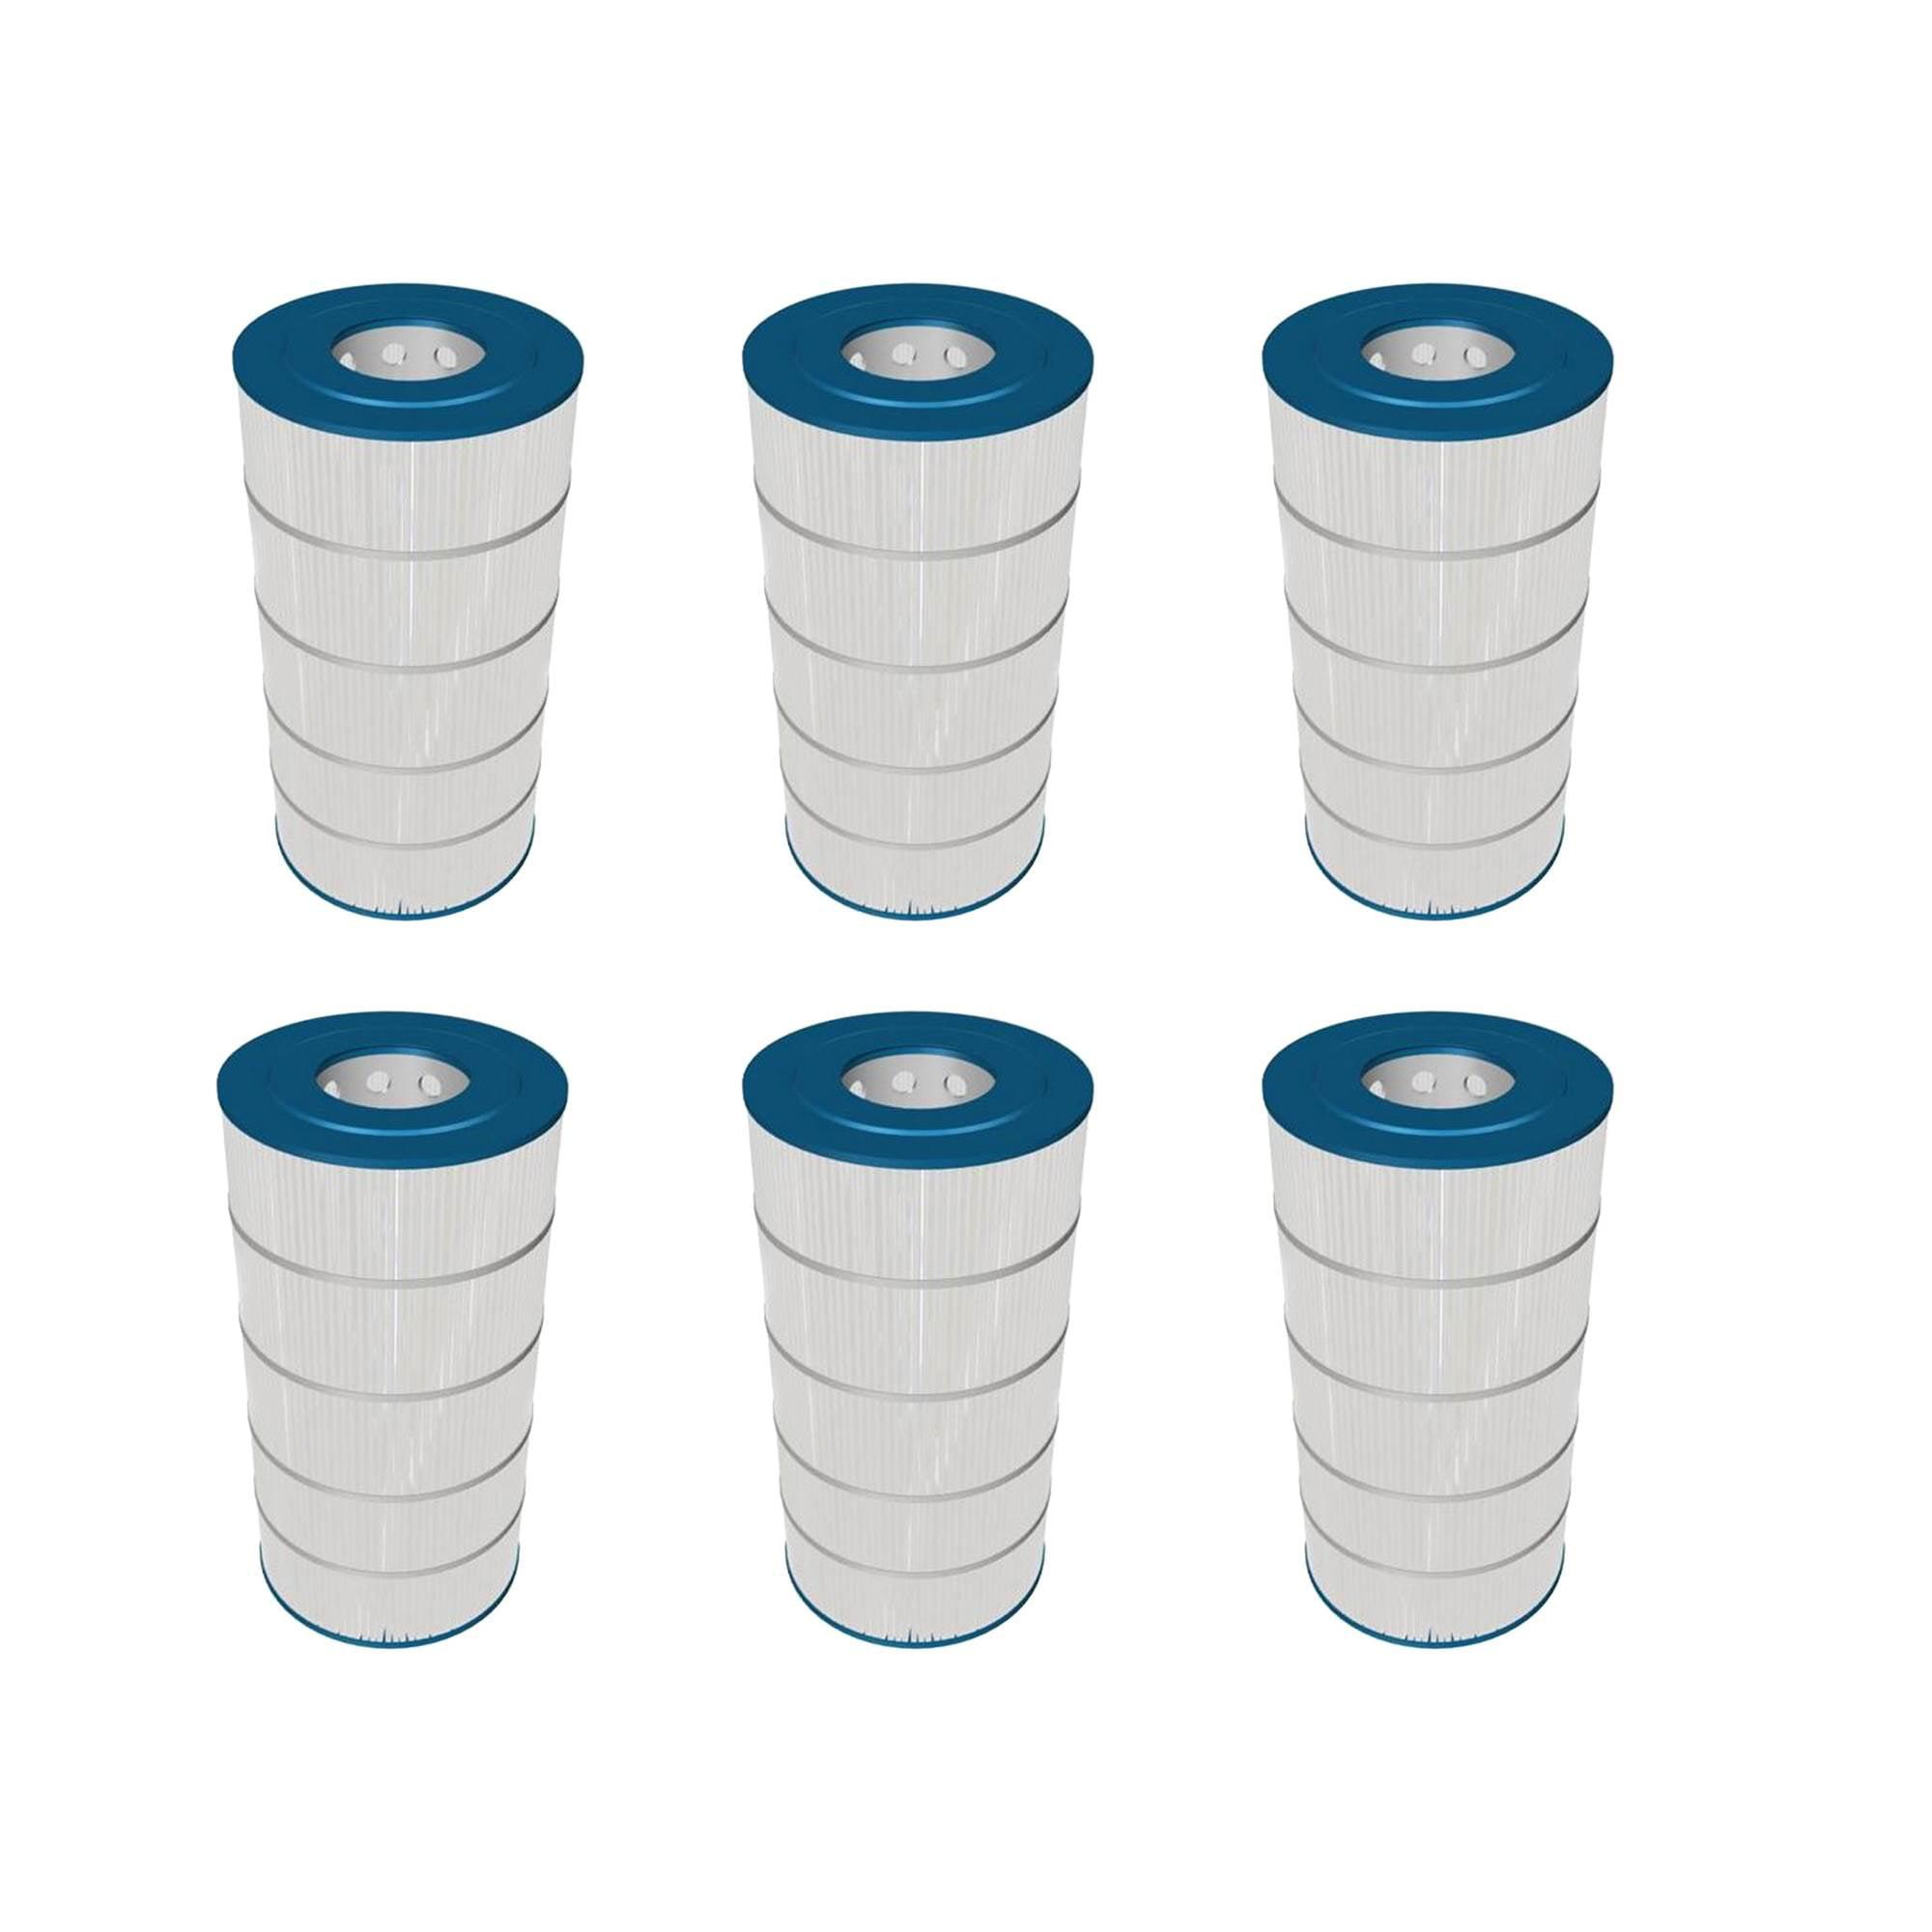 Hayward 150 Square Foot Replacement Swimming Pool Filter Cartridge 6 Pack Walmart Com Walmart Com